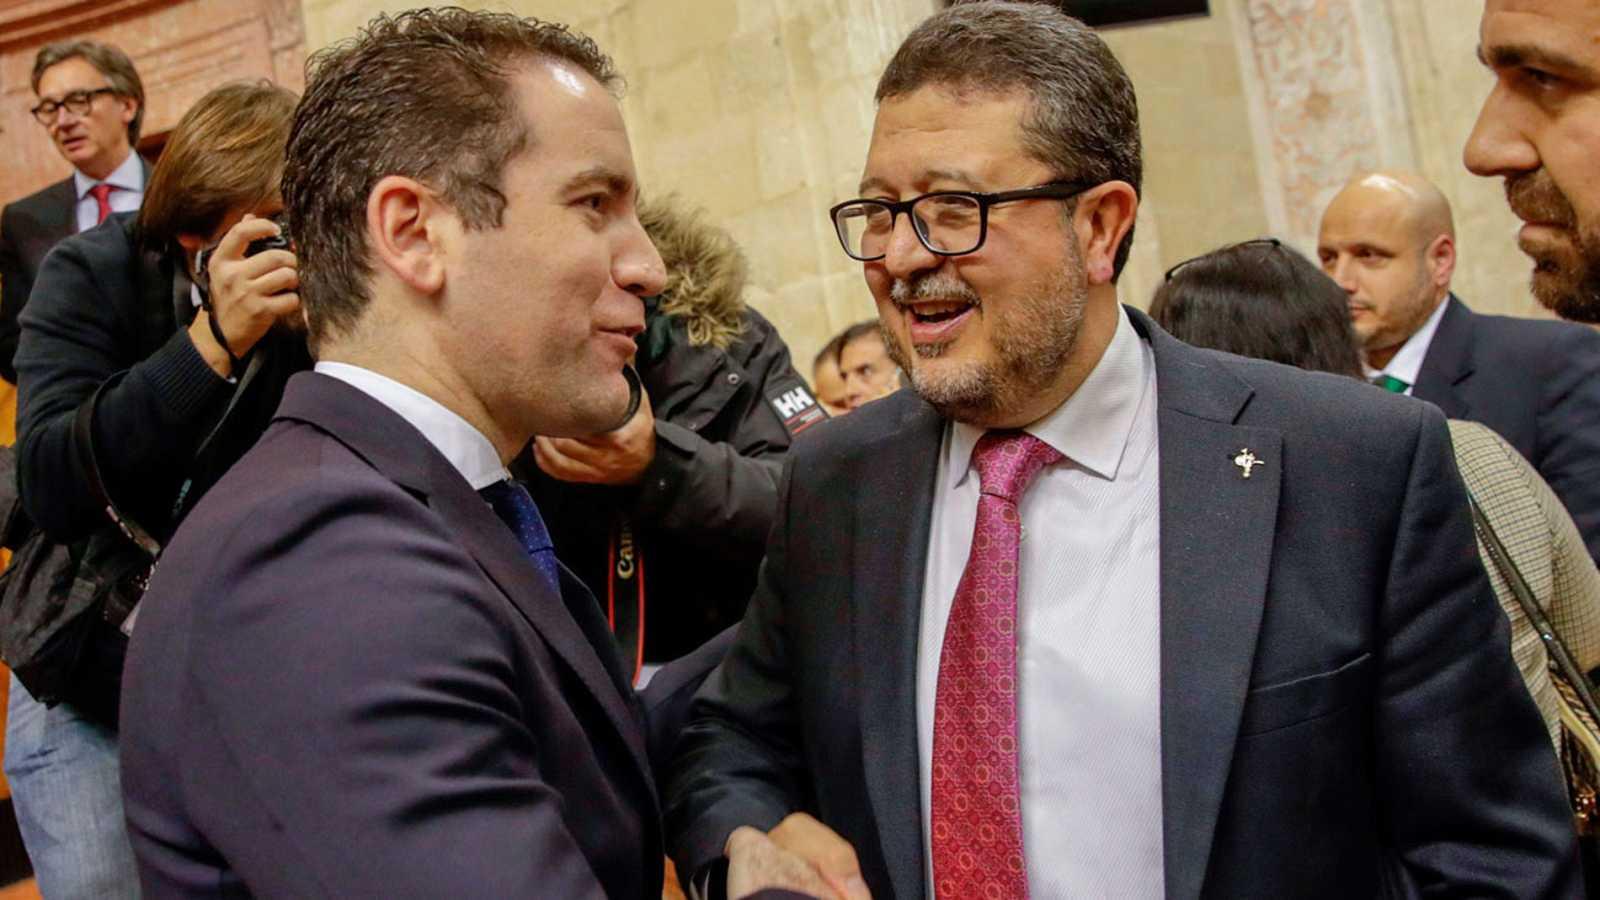 Derogar la Ley de violencia de género y expulsar a 52.000 inmigrantes ilegales, medidas de Vox para investir a Moreno